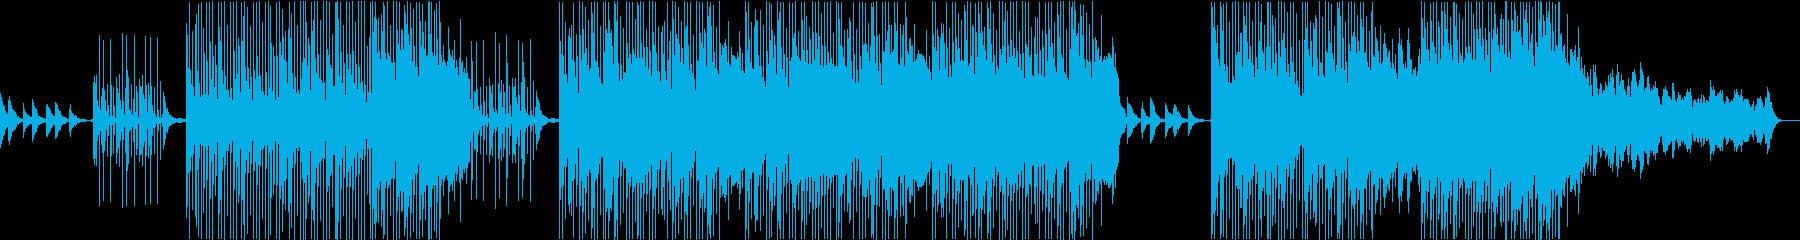 レトロ・ジャジーでチルLoFiなBGMの再生済みの波形